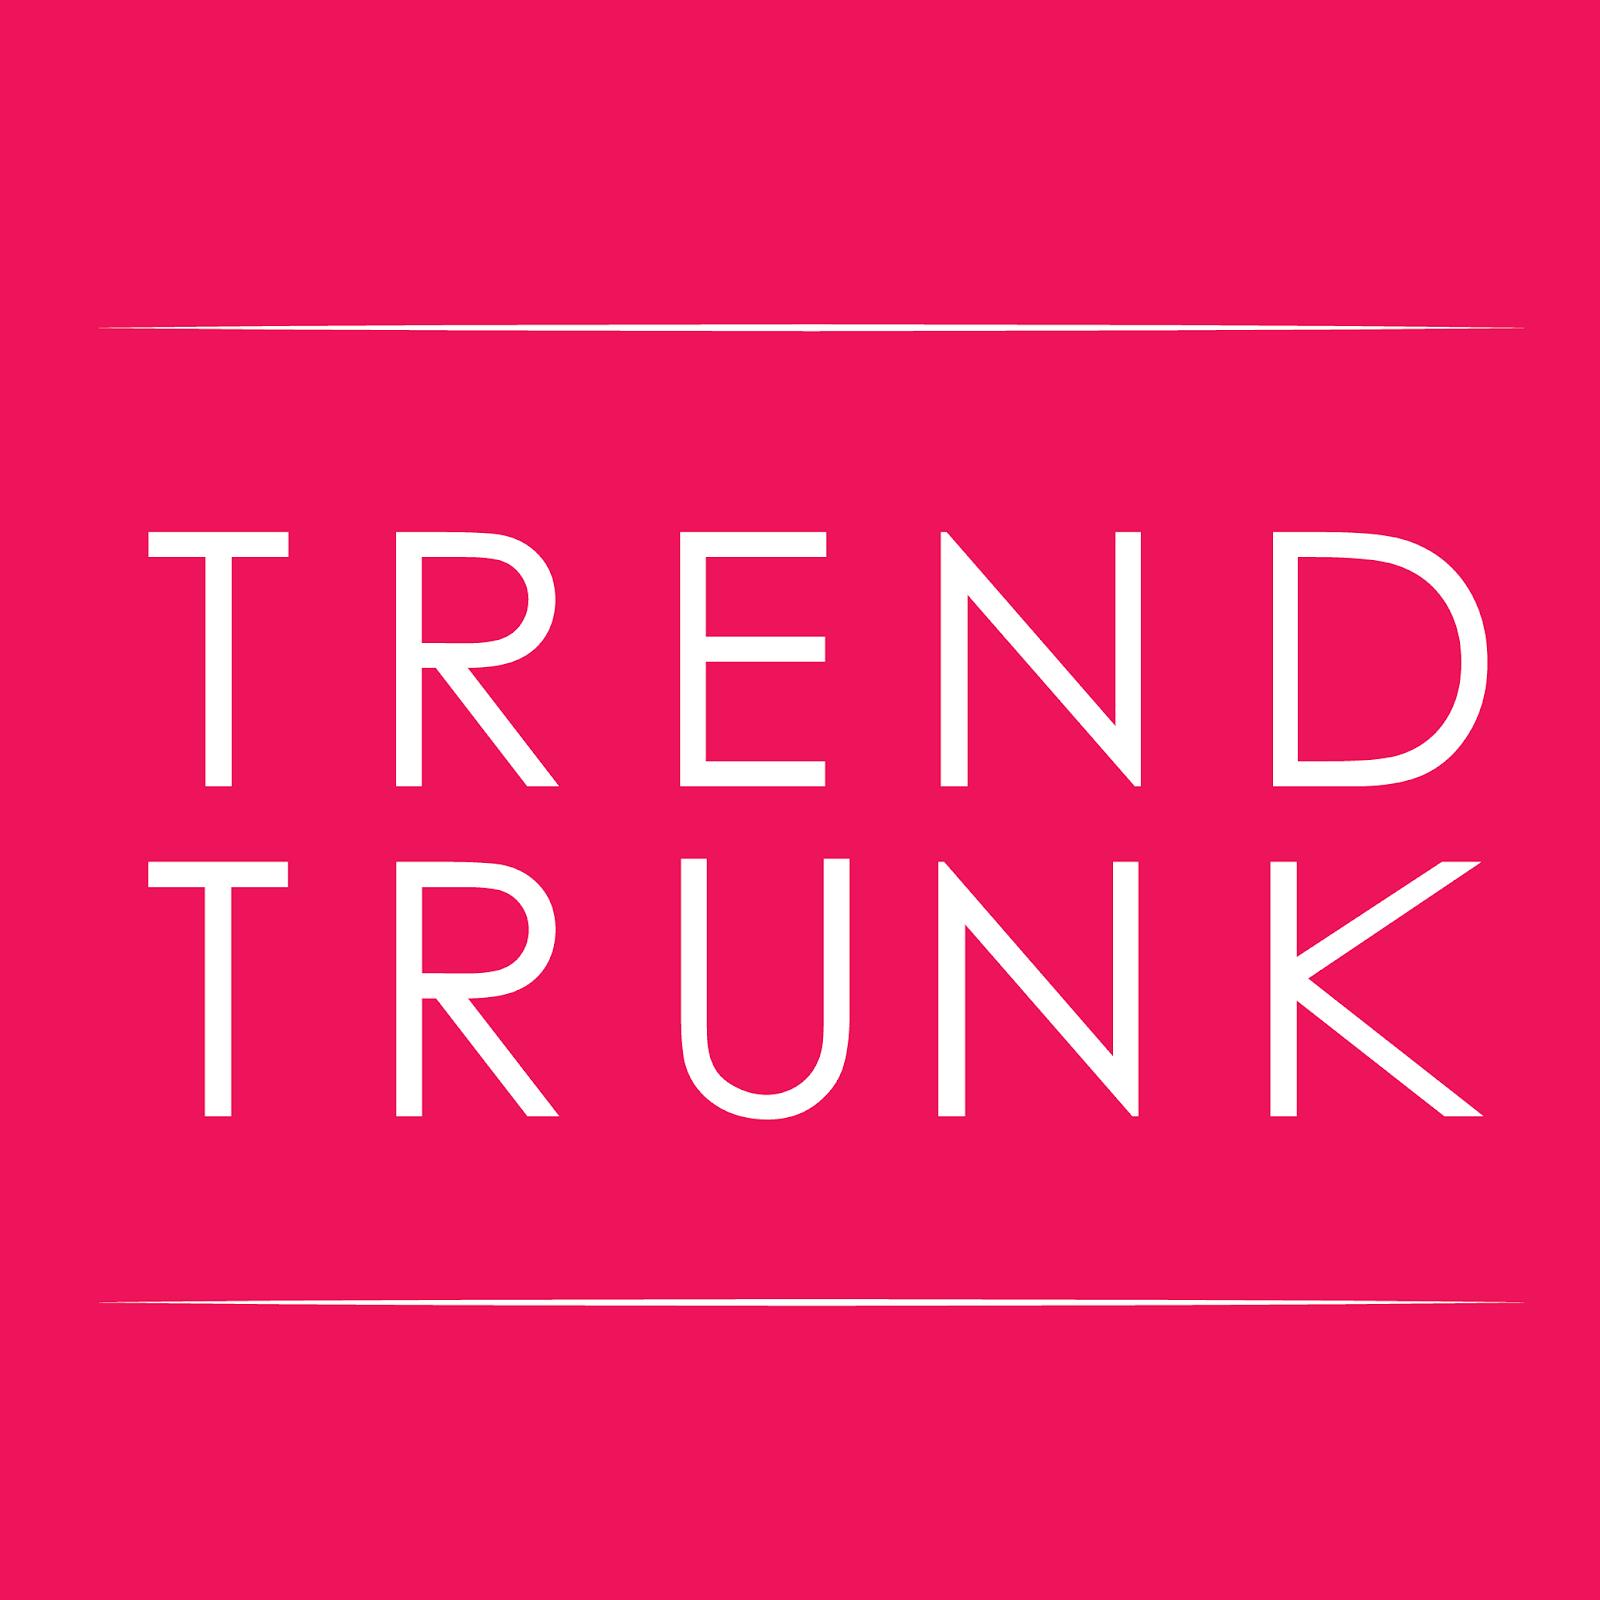 TrendTruck